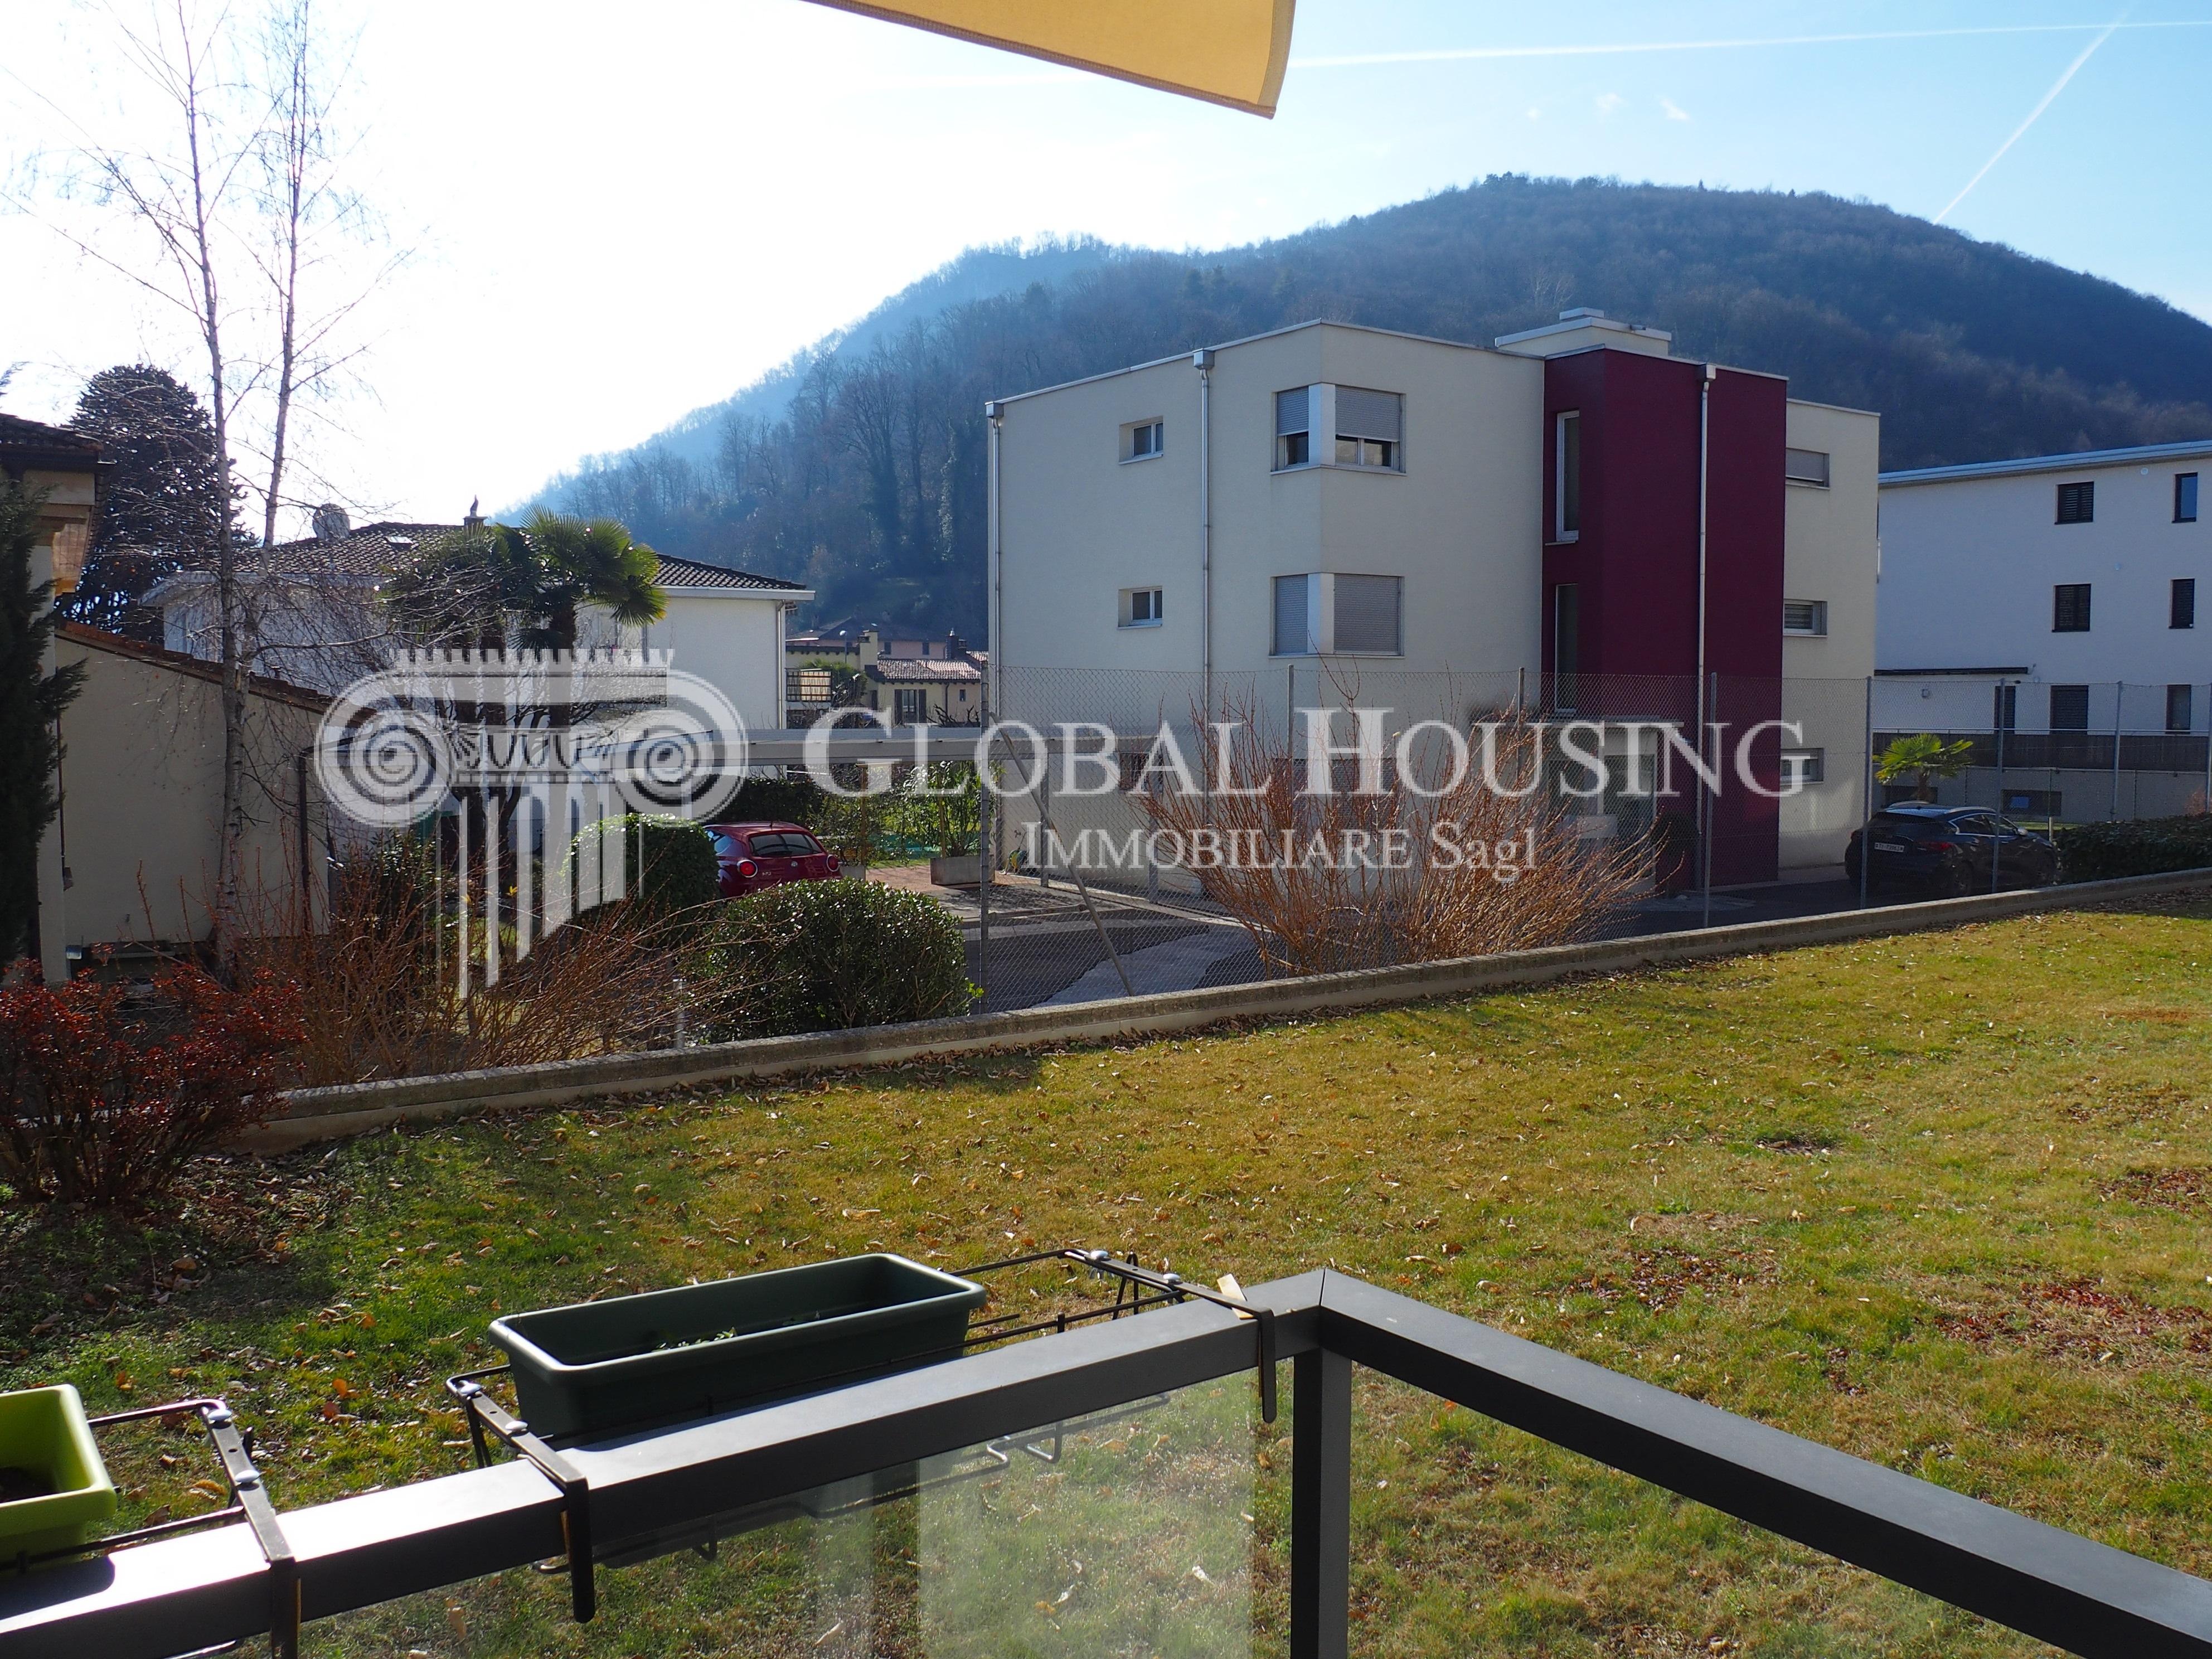 CASLANO: Bequeme, schöne und moderne Wohnung - Global Housing ...